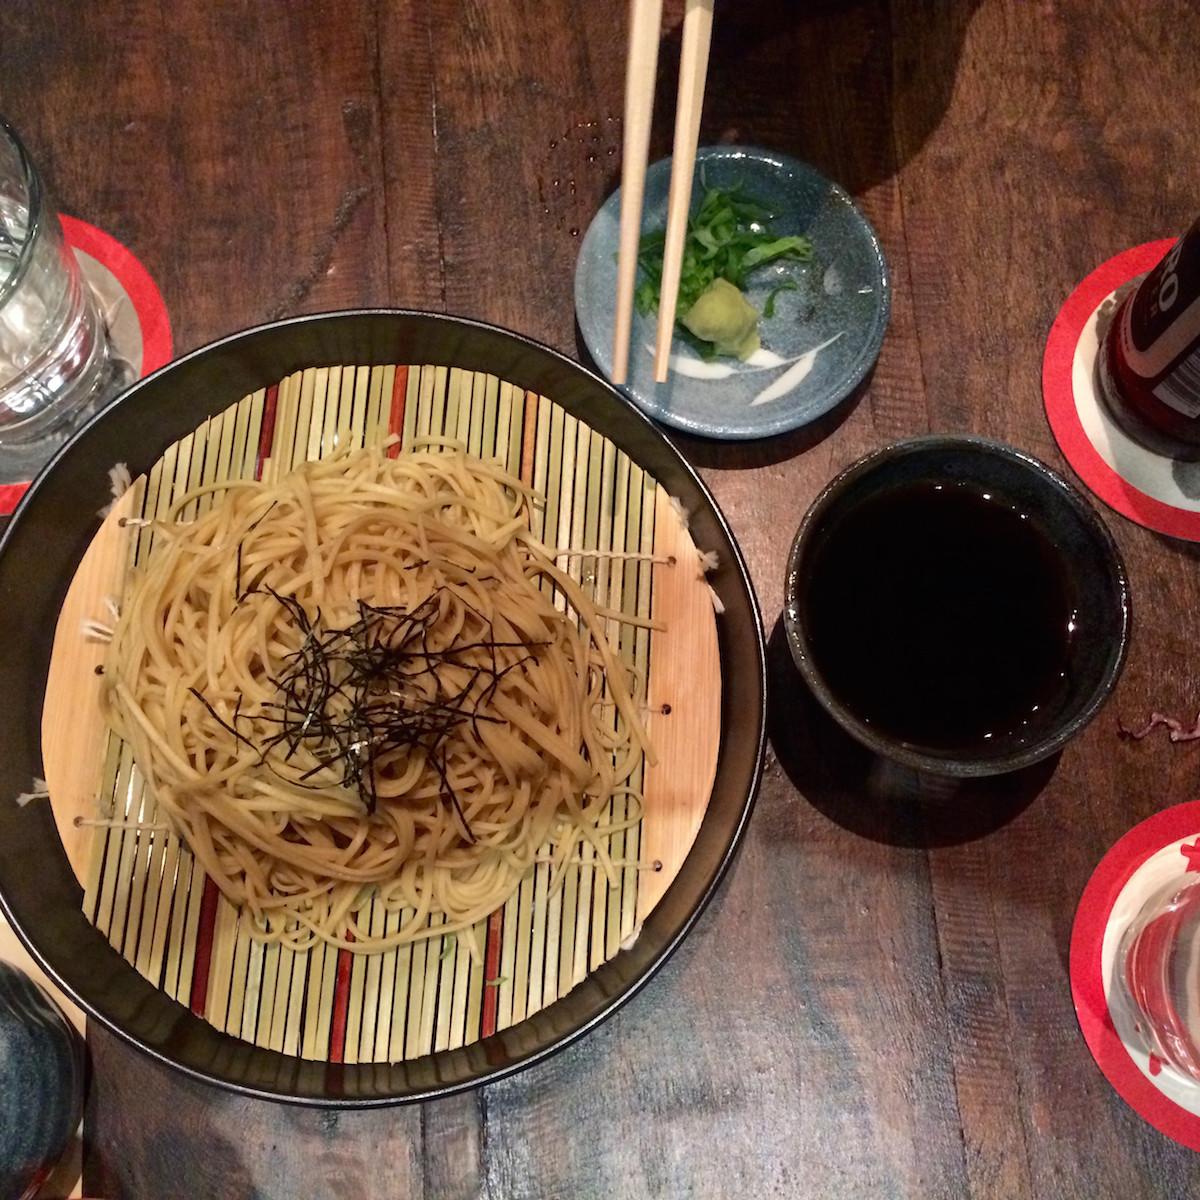 Izakaya soba noodles